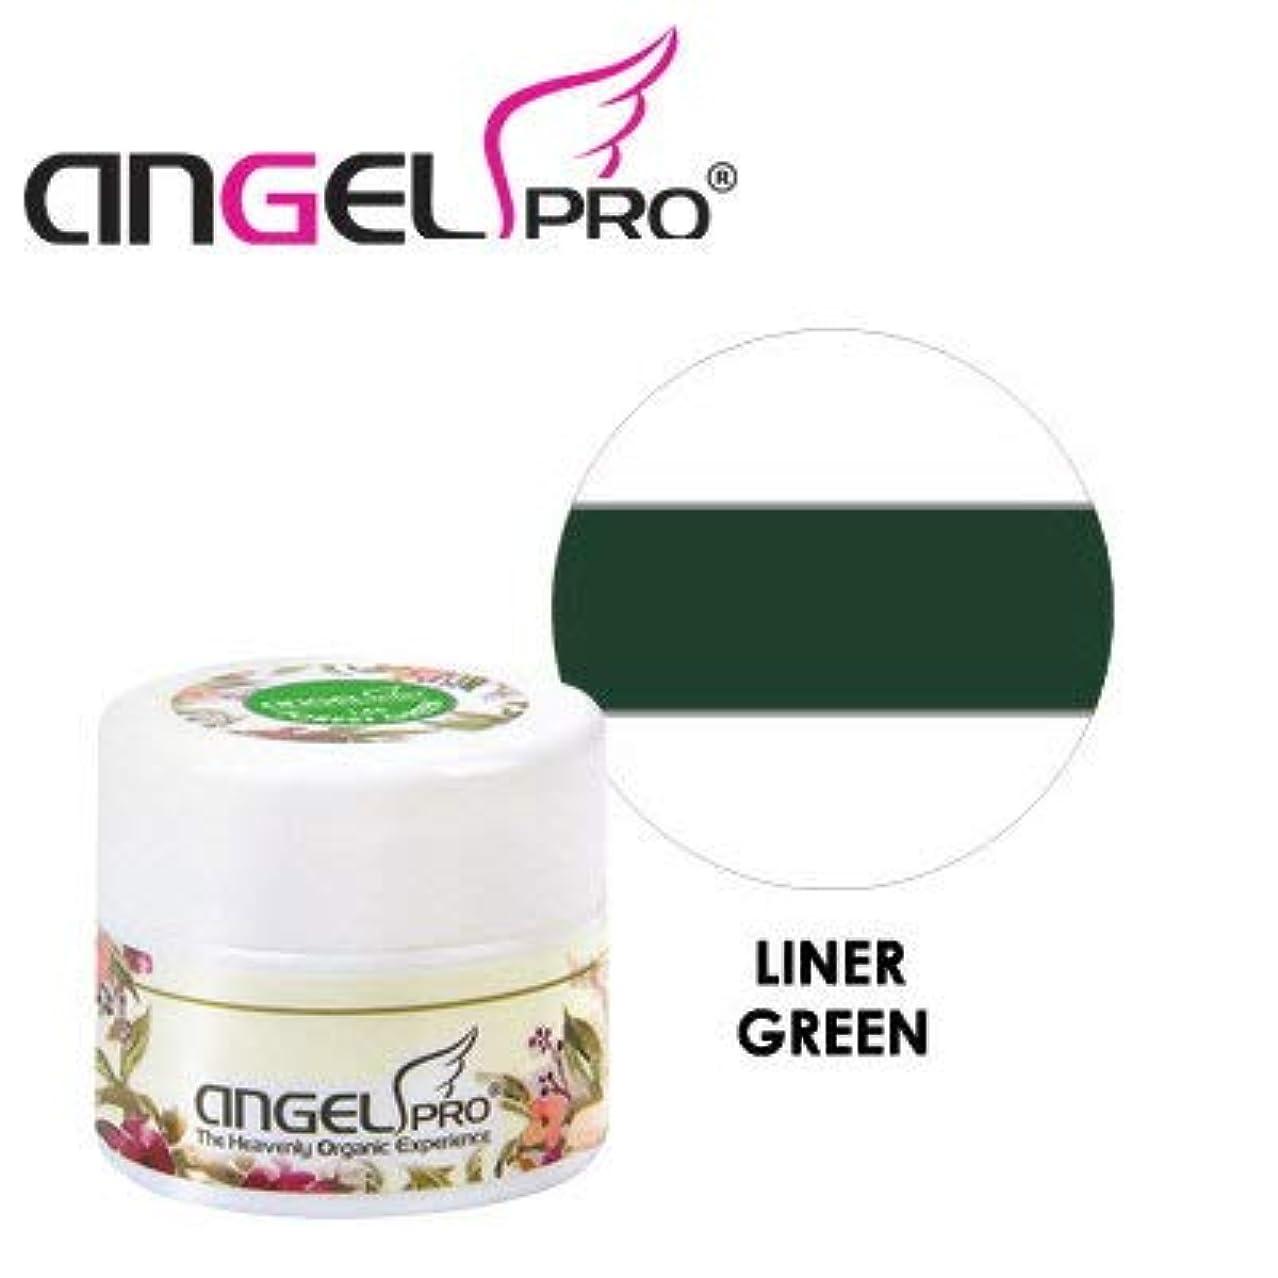 滴下起きて位置づけるANGEL PRO ポットジェリー LINER GREEN 4g